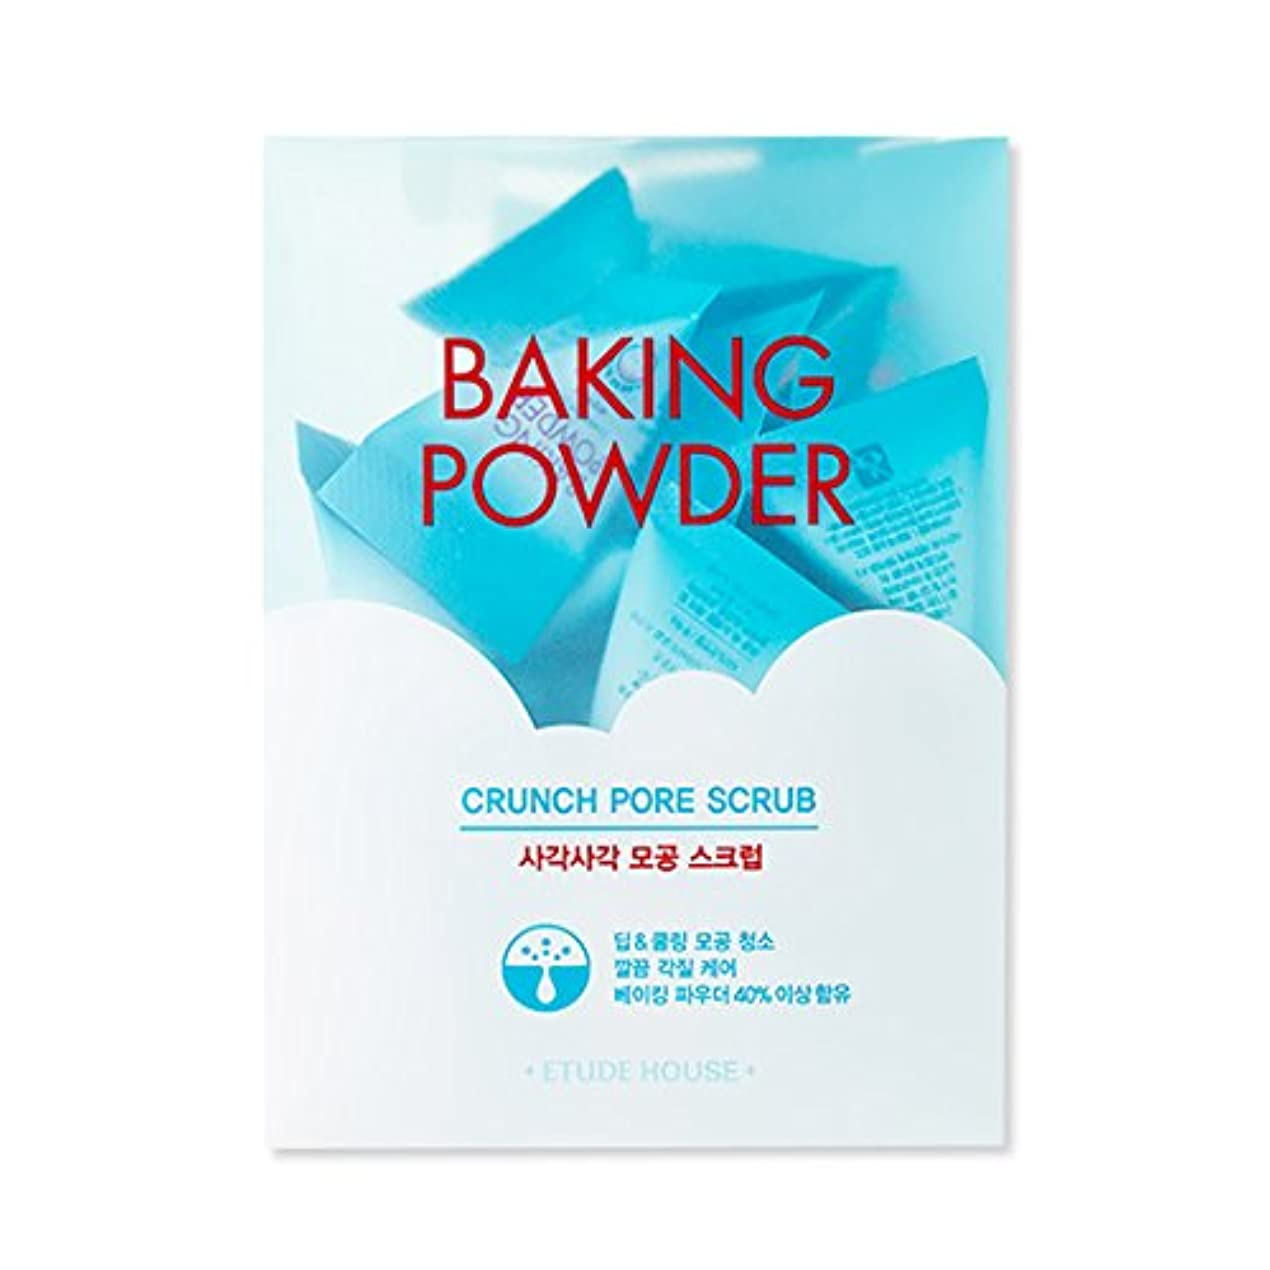 序文詳細に出身地[2016 Upgrade!] ETUDE HOUSE Baking Powder Crunch Pore Scrub 7g×24ea/エチュードハウス ベーキング パウダー クランチ ポア スクラブ 7g×24ea [...